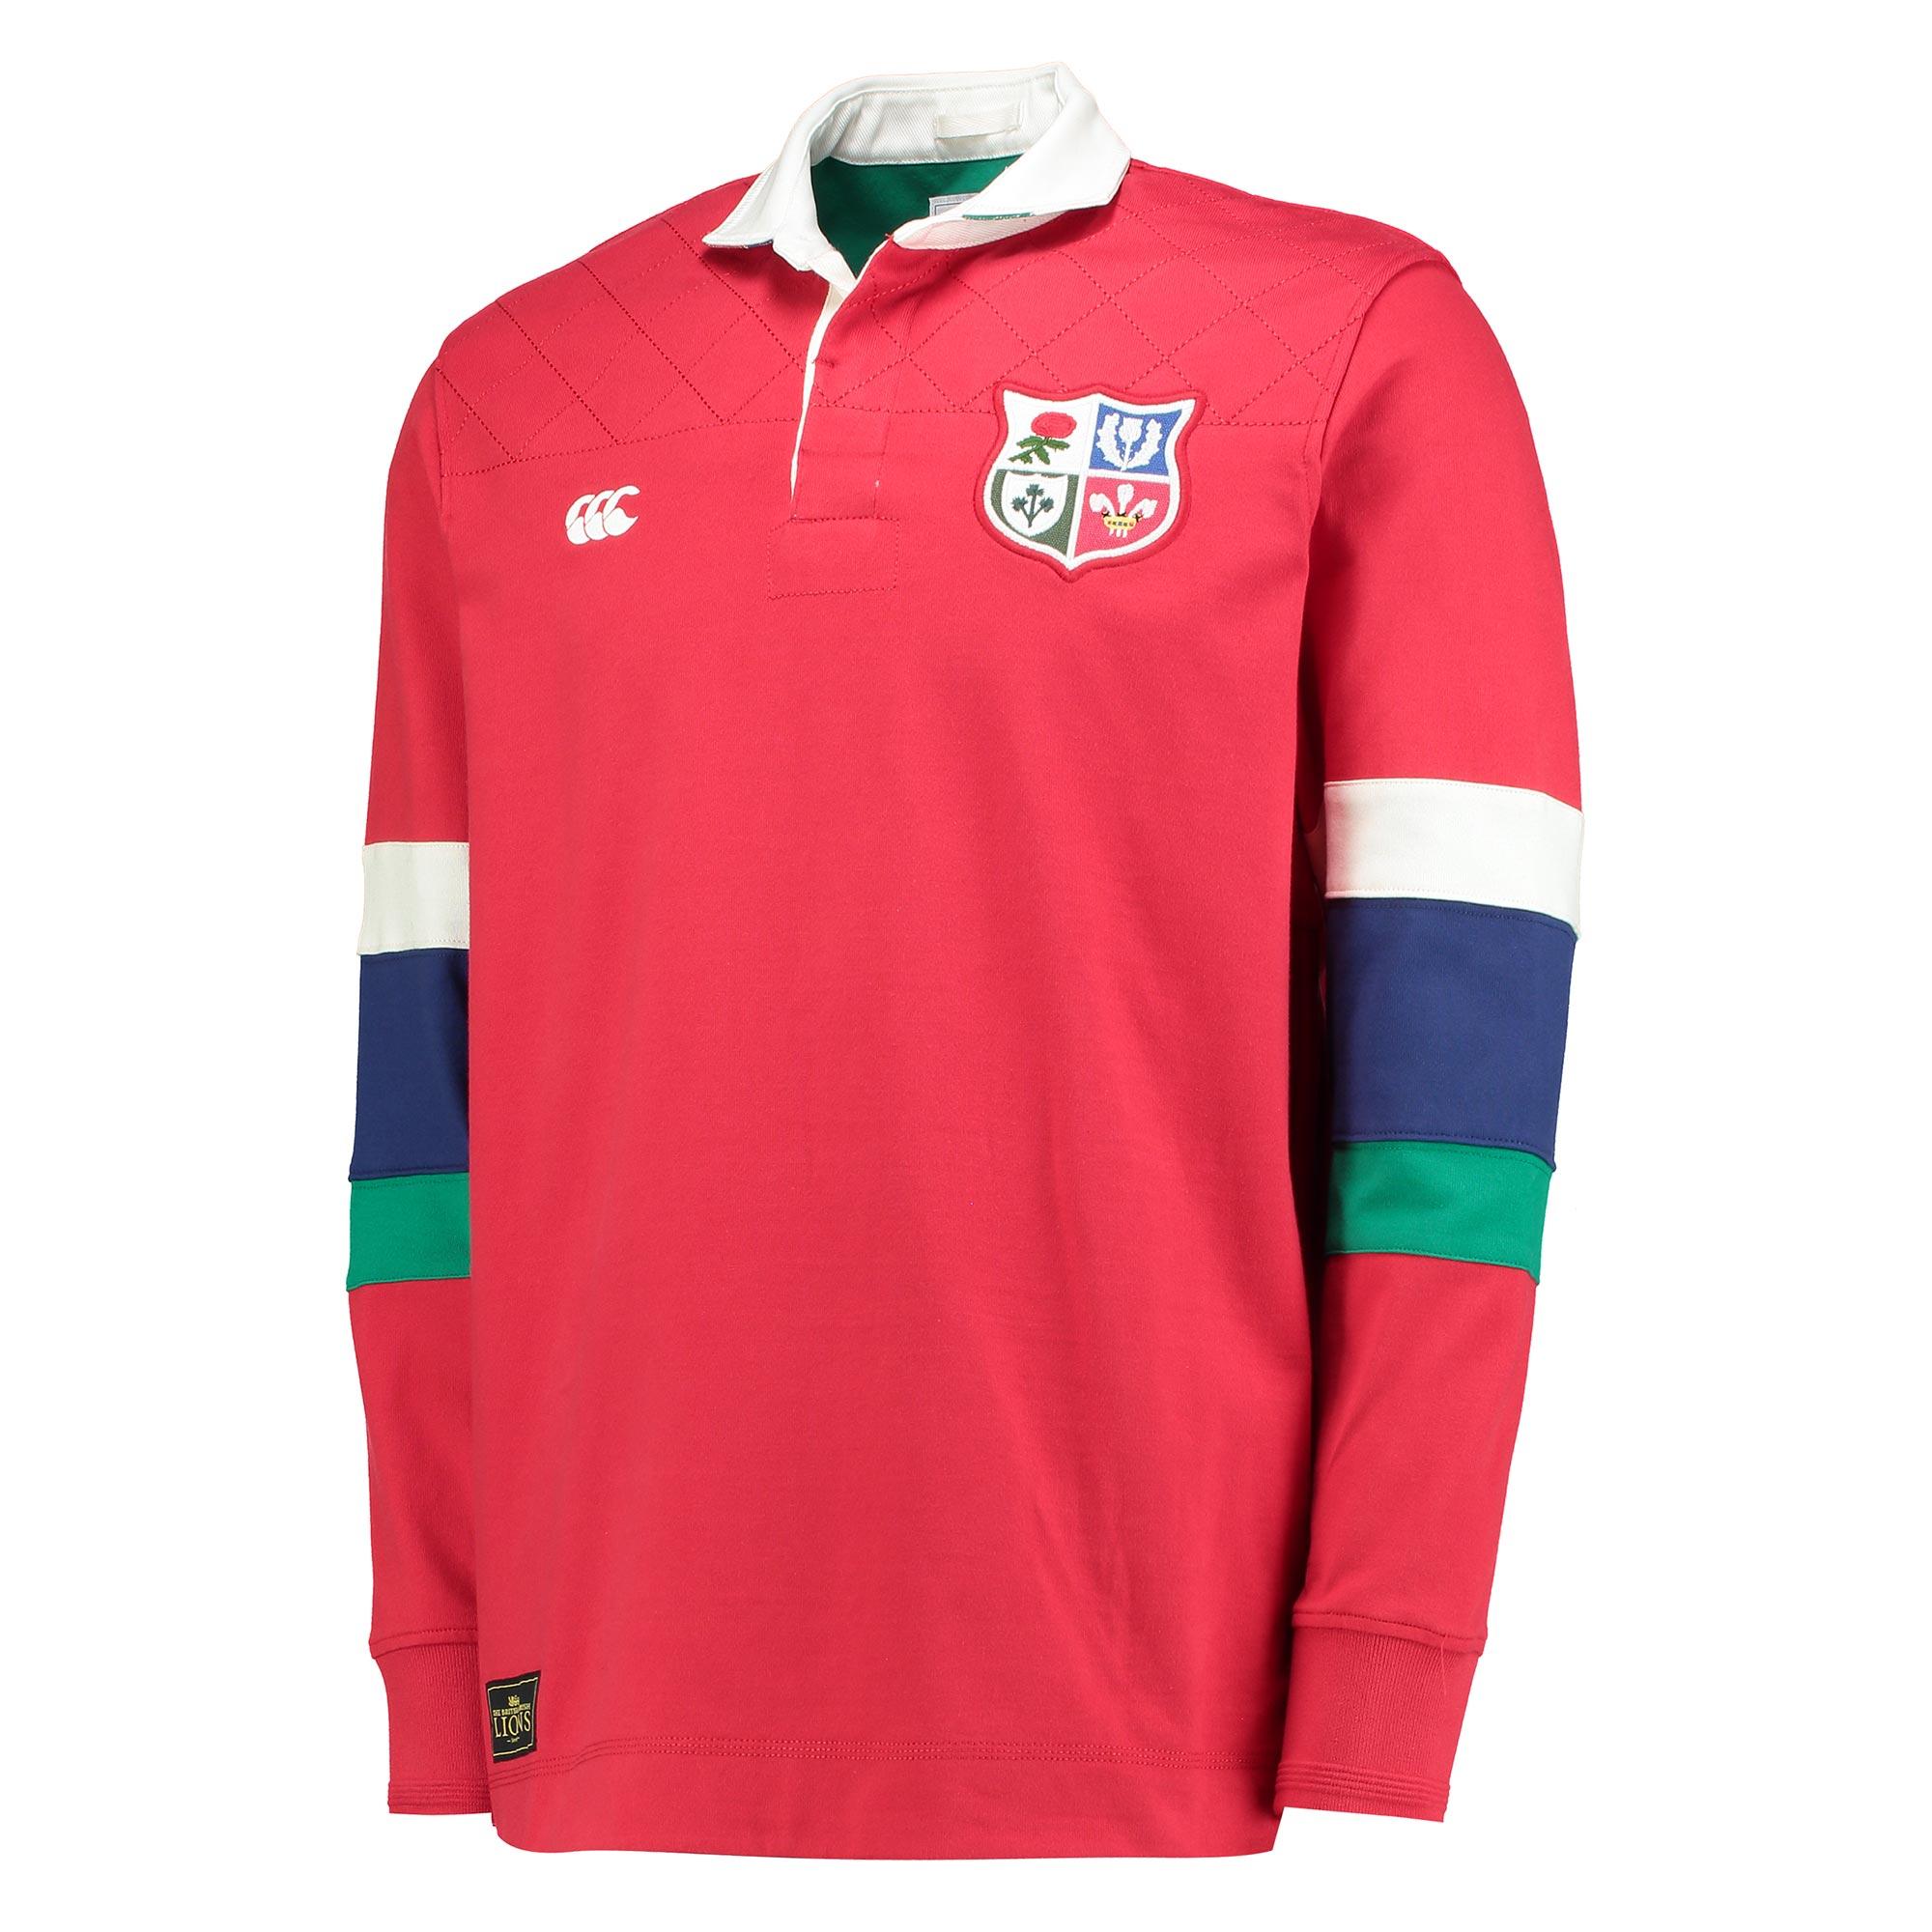 """Image of """"British & Irish Lions Rugby Shirt - Tango Red"""""""